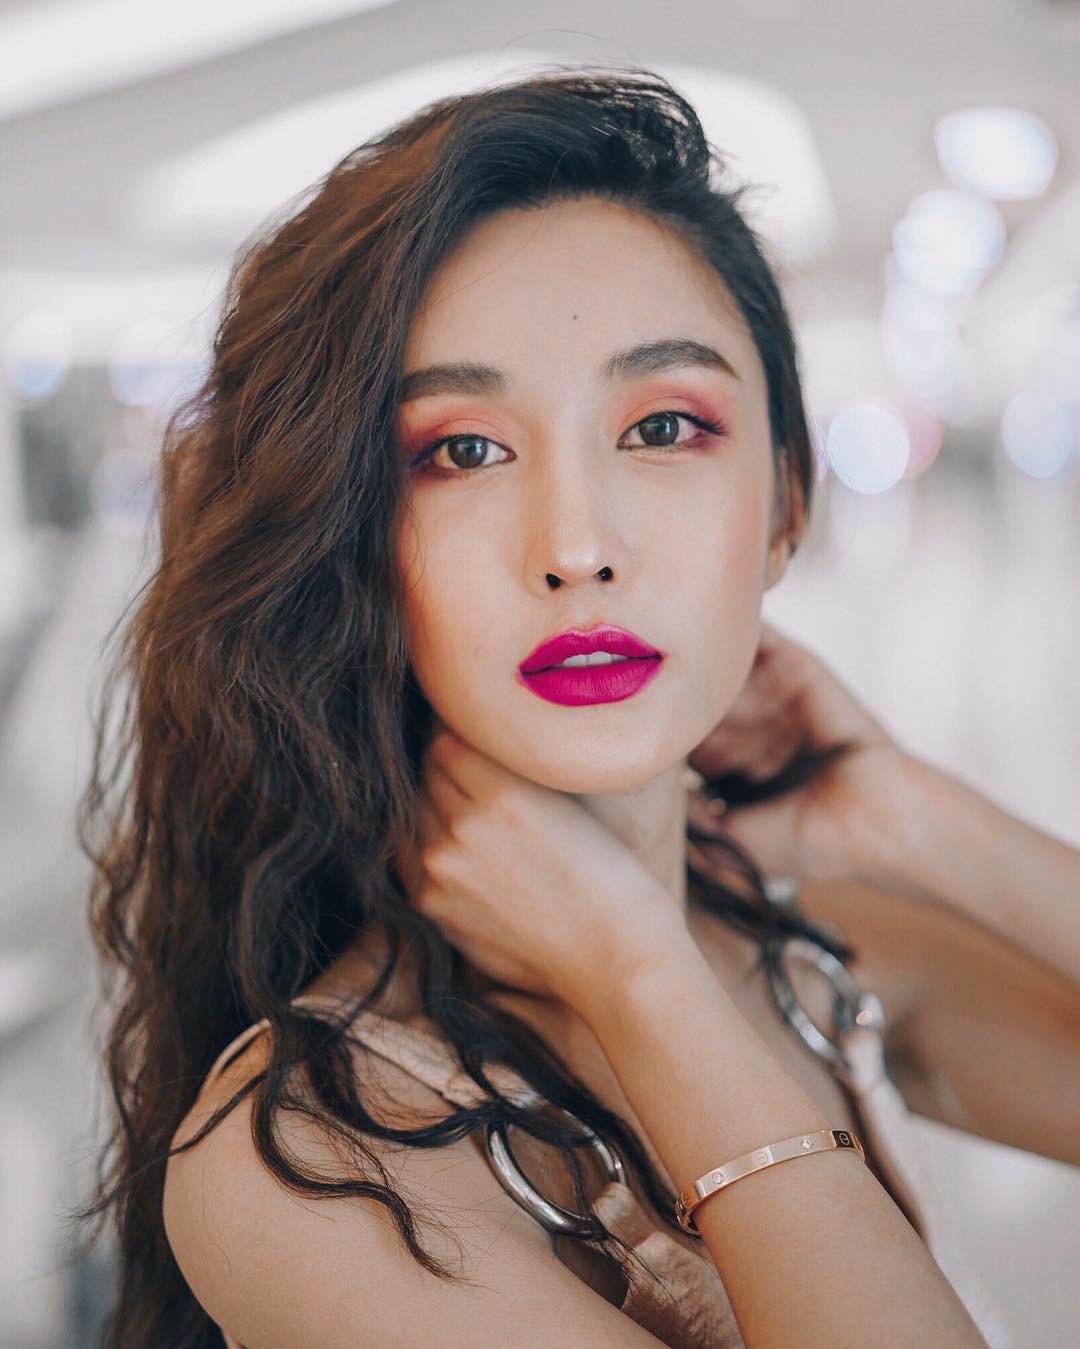 Soi mặt mộc của dàn mỹ nhân chuyển giới hot nhất Thái Lan: Nong Poy quá đỉnh, Yoshi đẹp tựa thiên thần đời thực - Ảnh 26